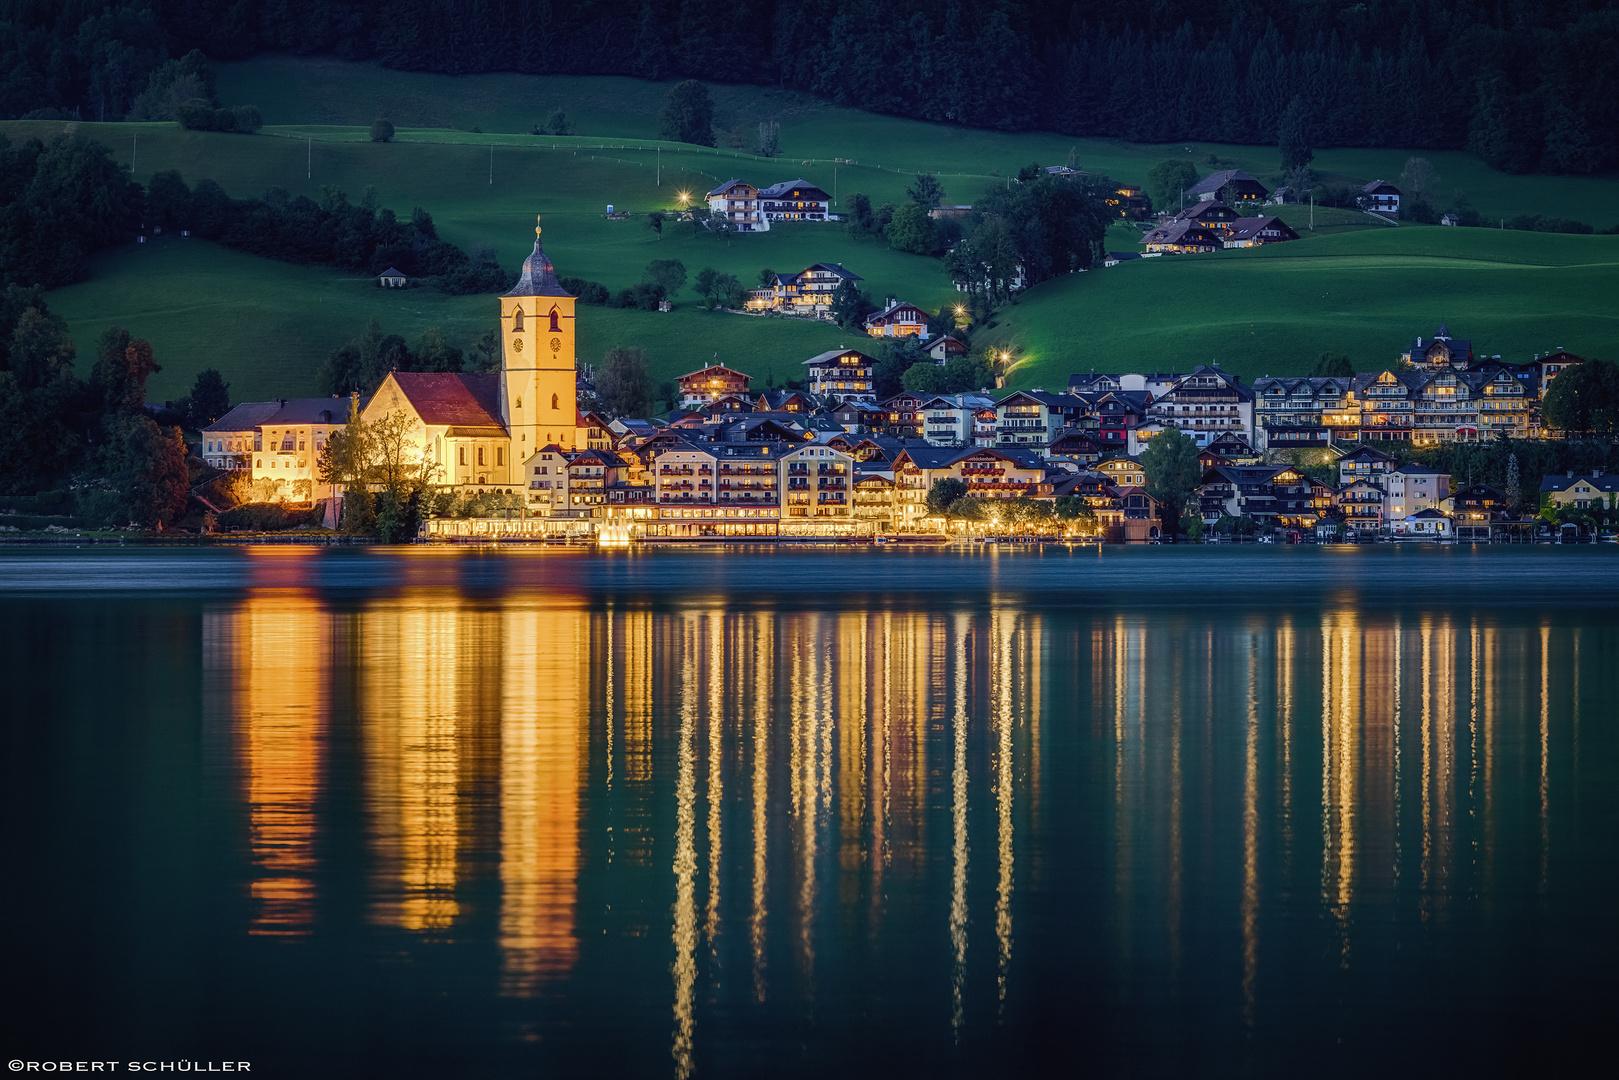 St. Wolfgang im Lichterglanz